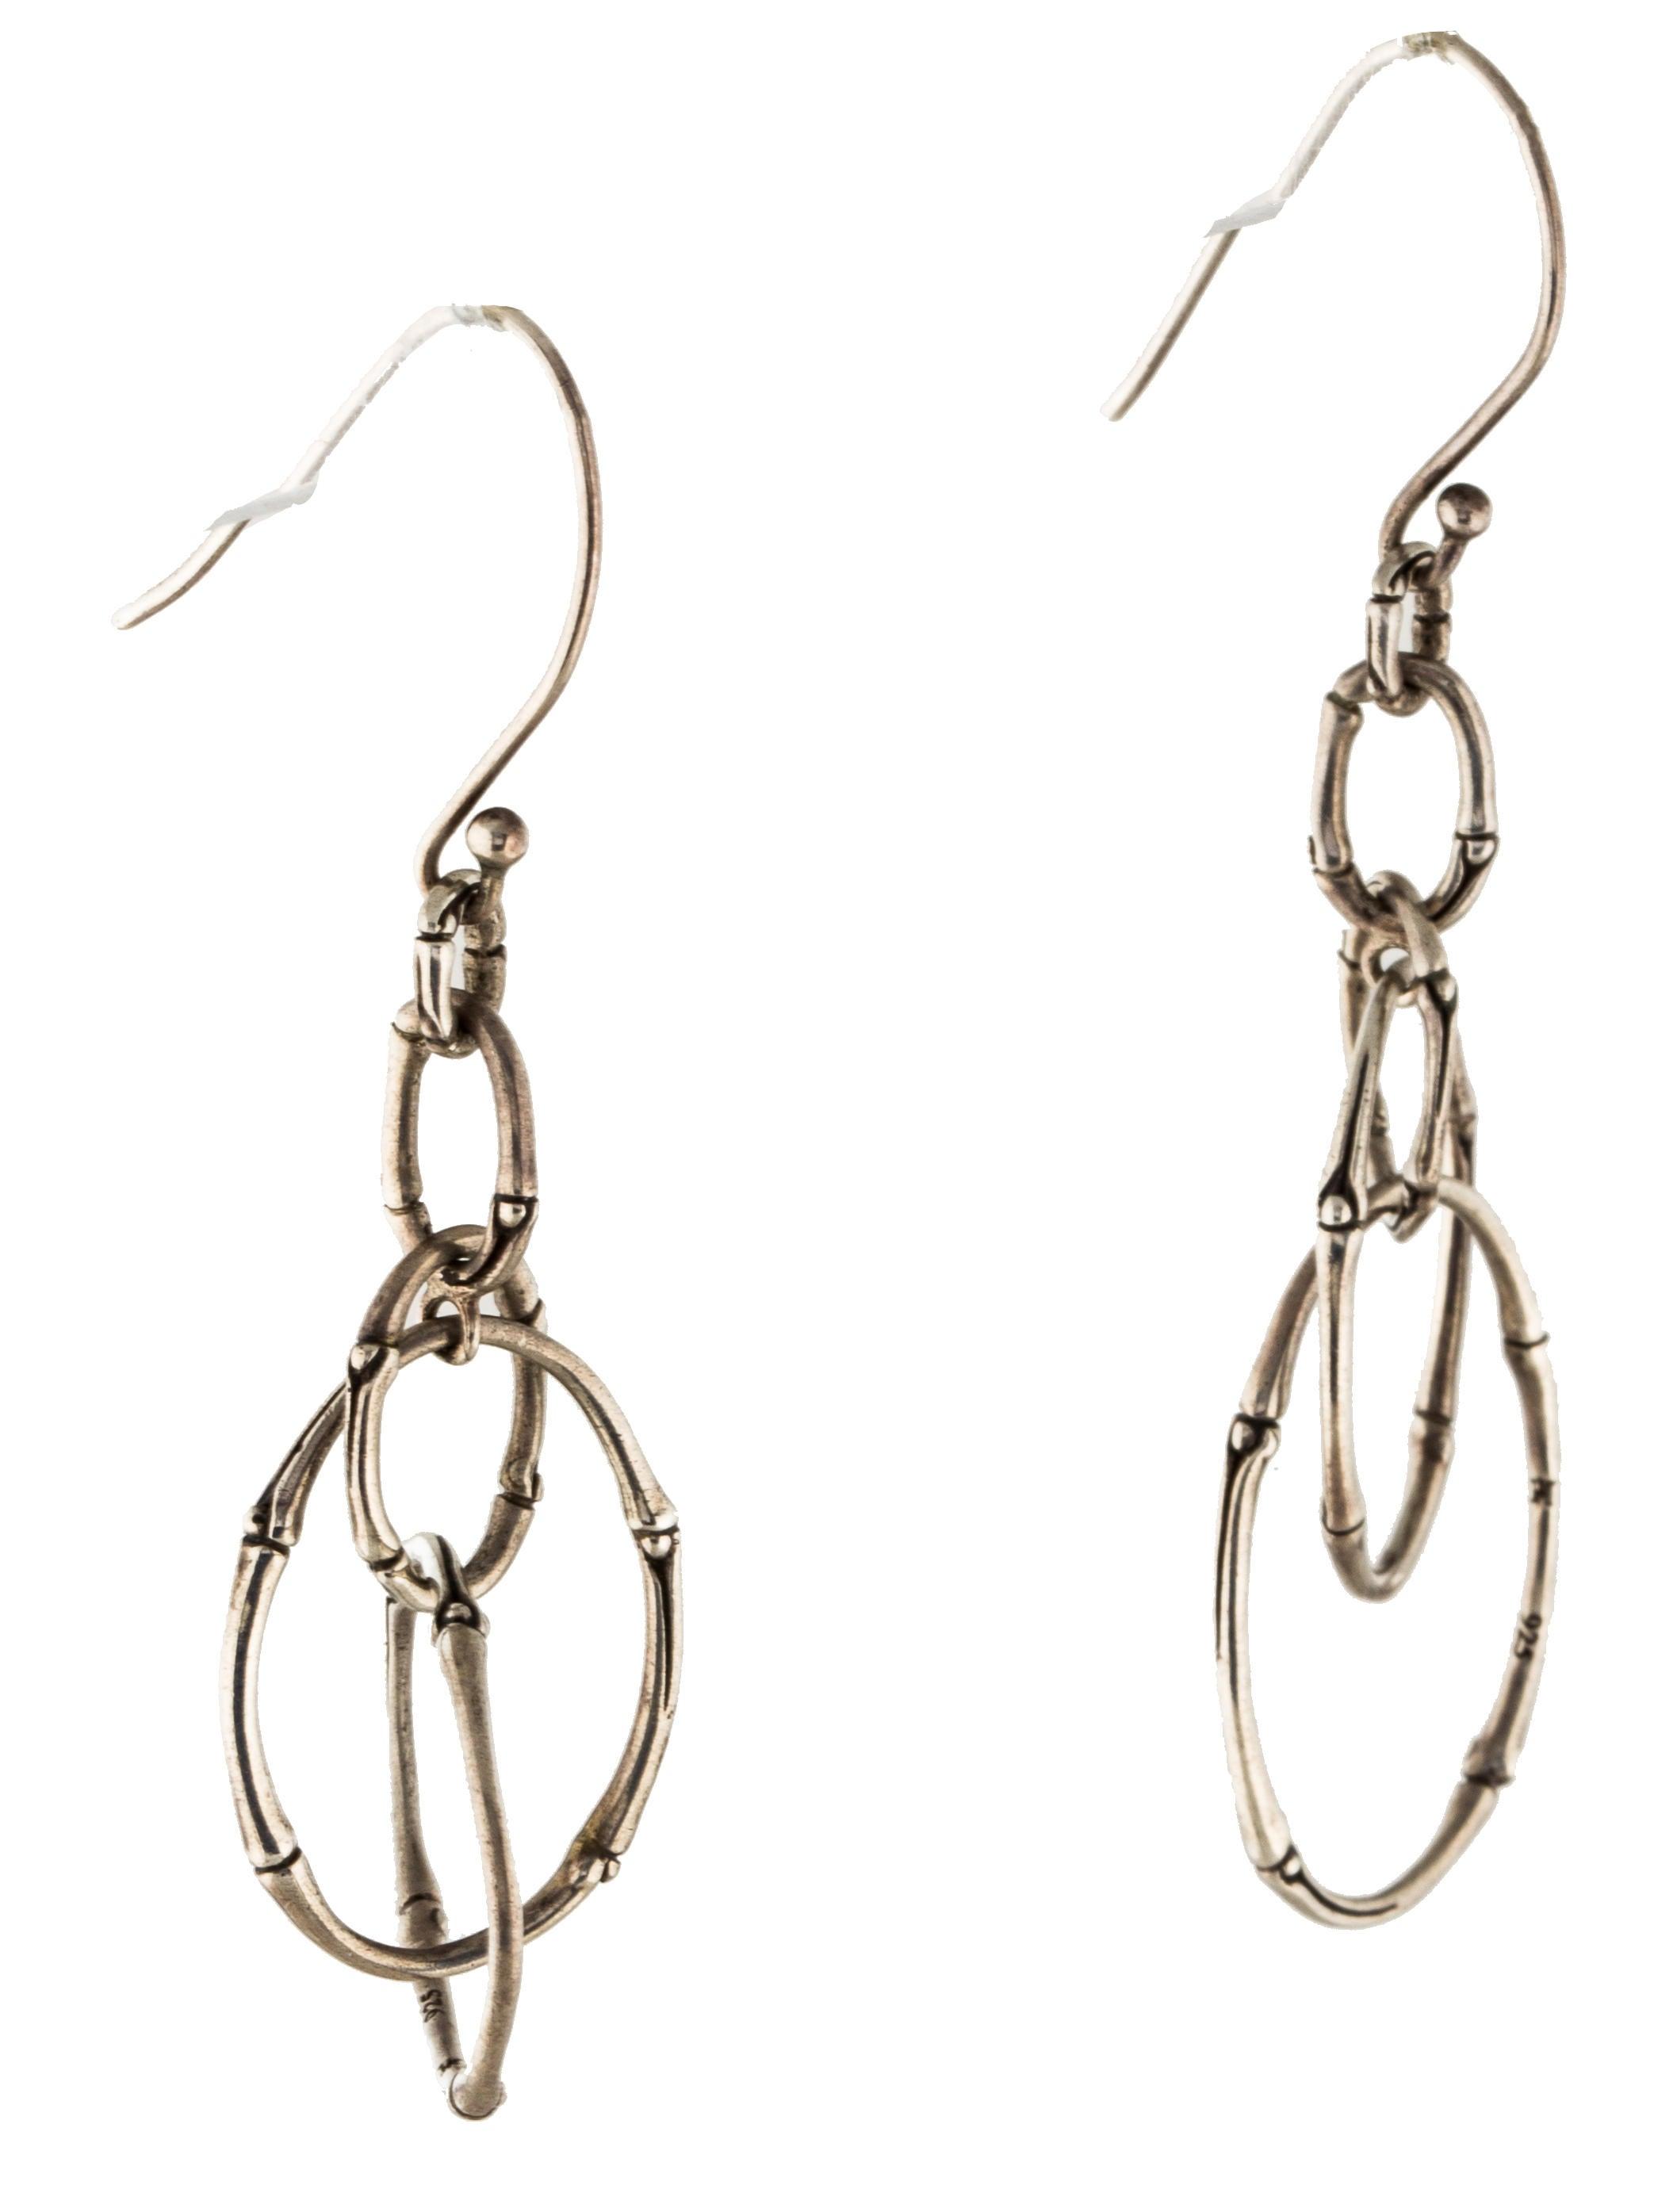 John hardy bamboo oval drop earrings earrings jha26575 for John hardy jewelry earrings